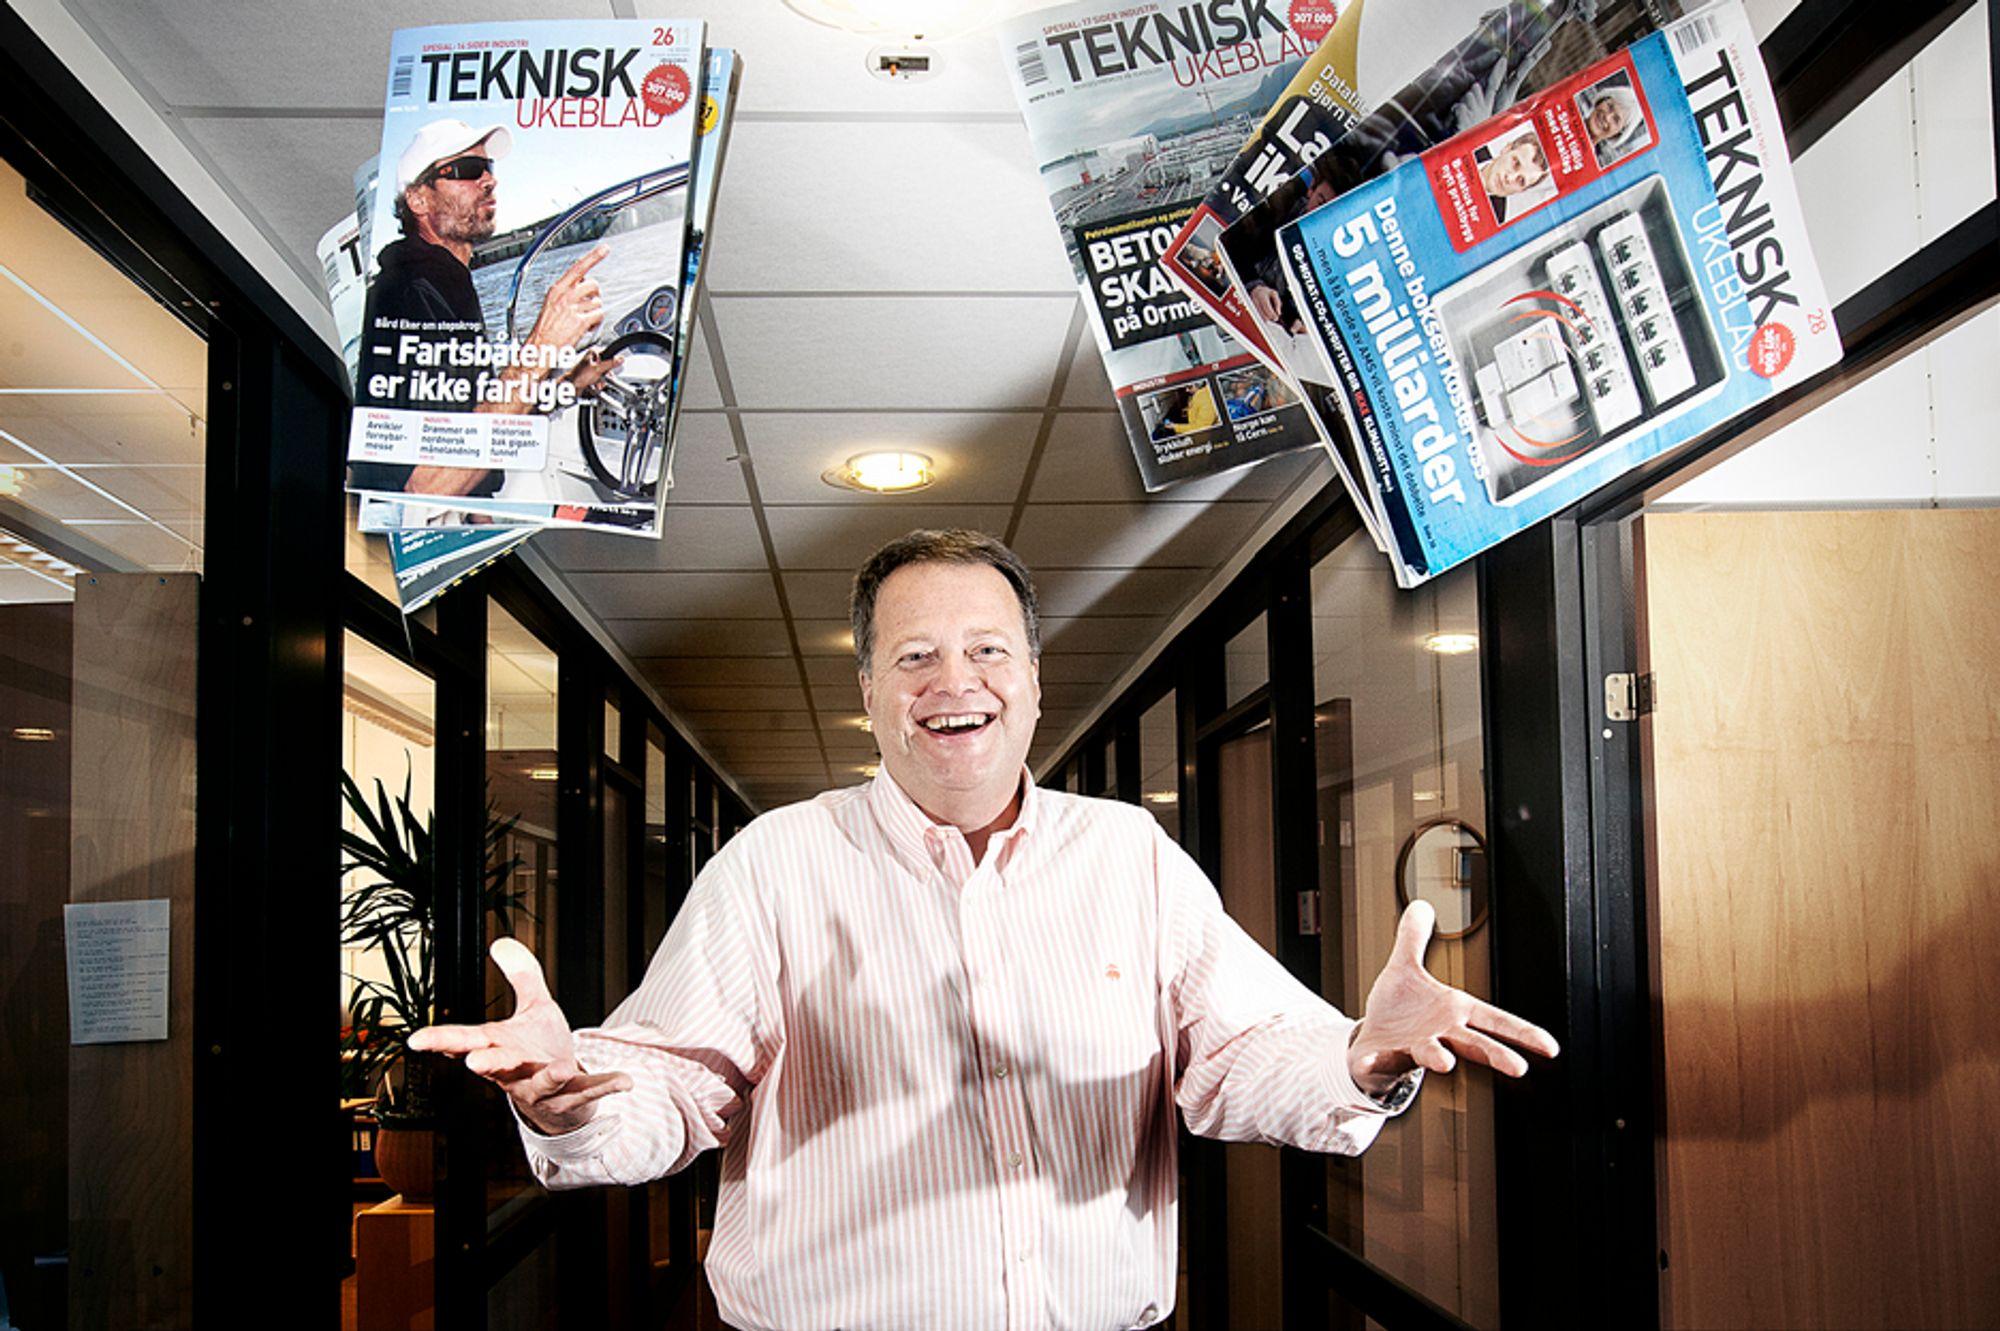 Adm.dir og utgiver Jan Moberg feirer leservekst i Teknisk Ukeblad. Magasinet leses nå av 317.000 hver uke.